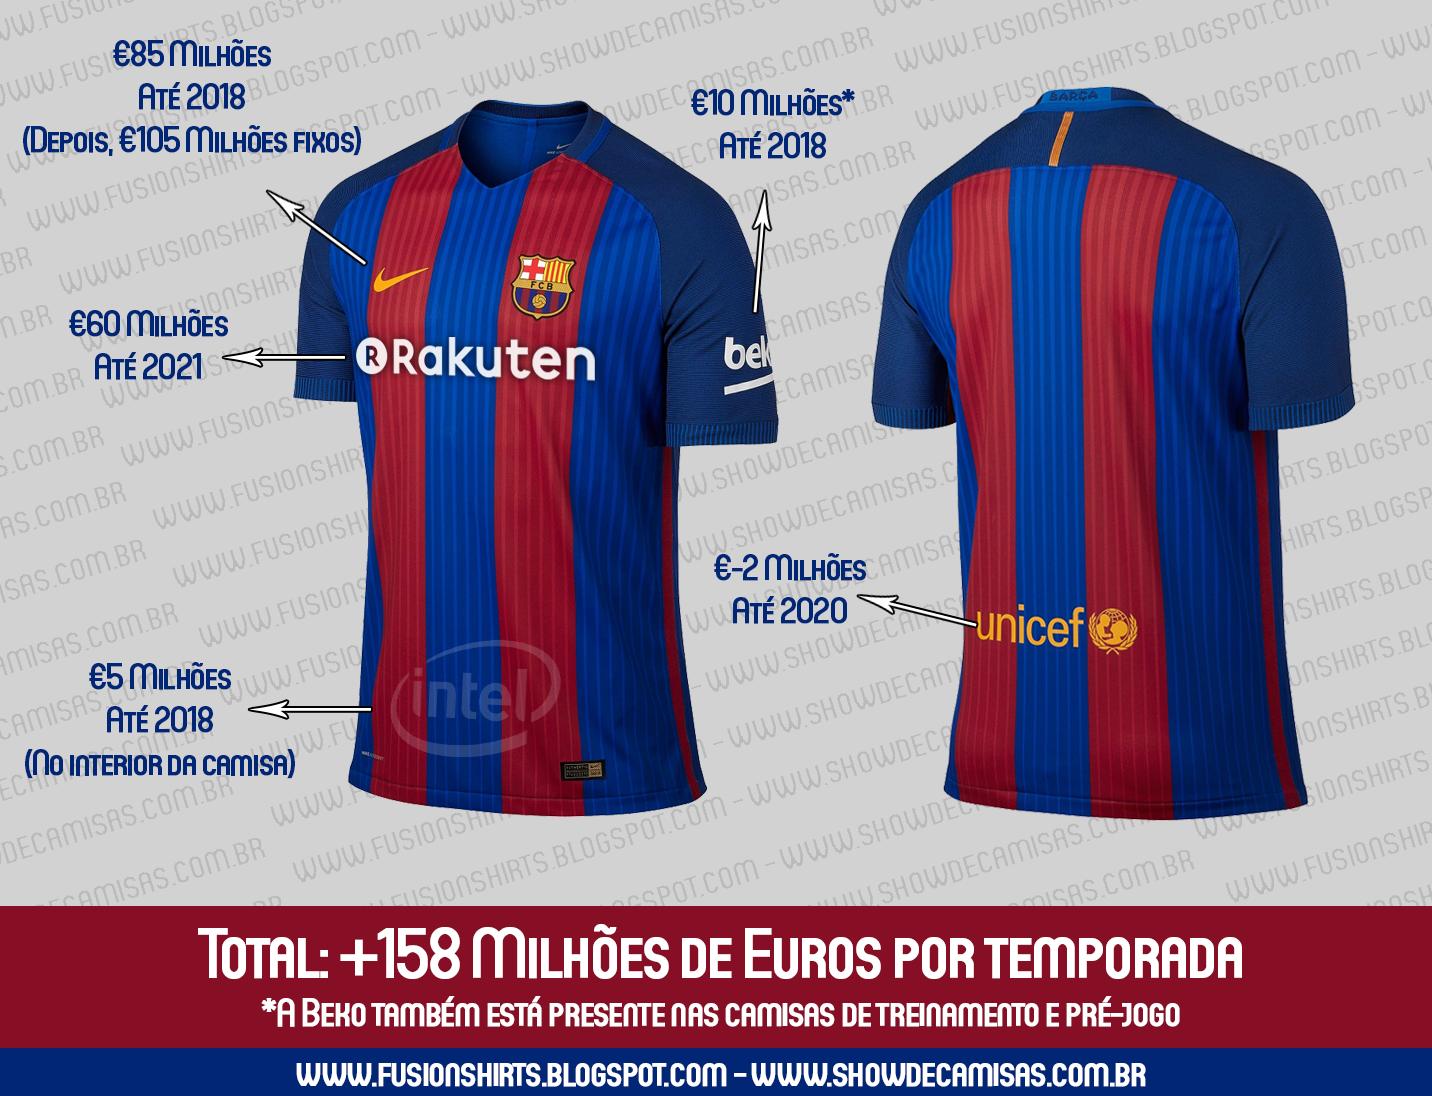 80a28b539cdf9 Compre camisas do Barcelona e de outros clubes e seleções de futebol